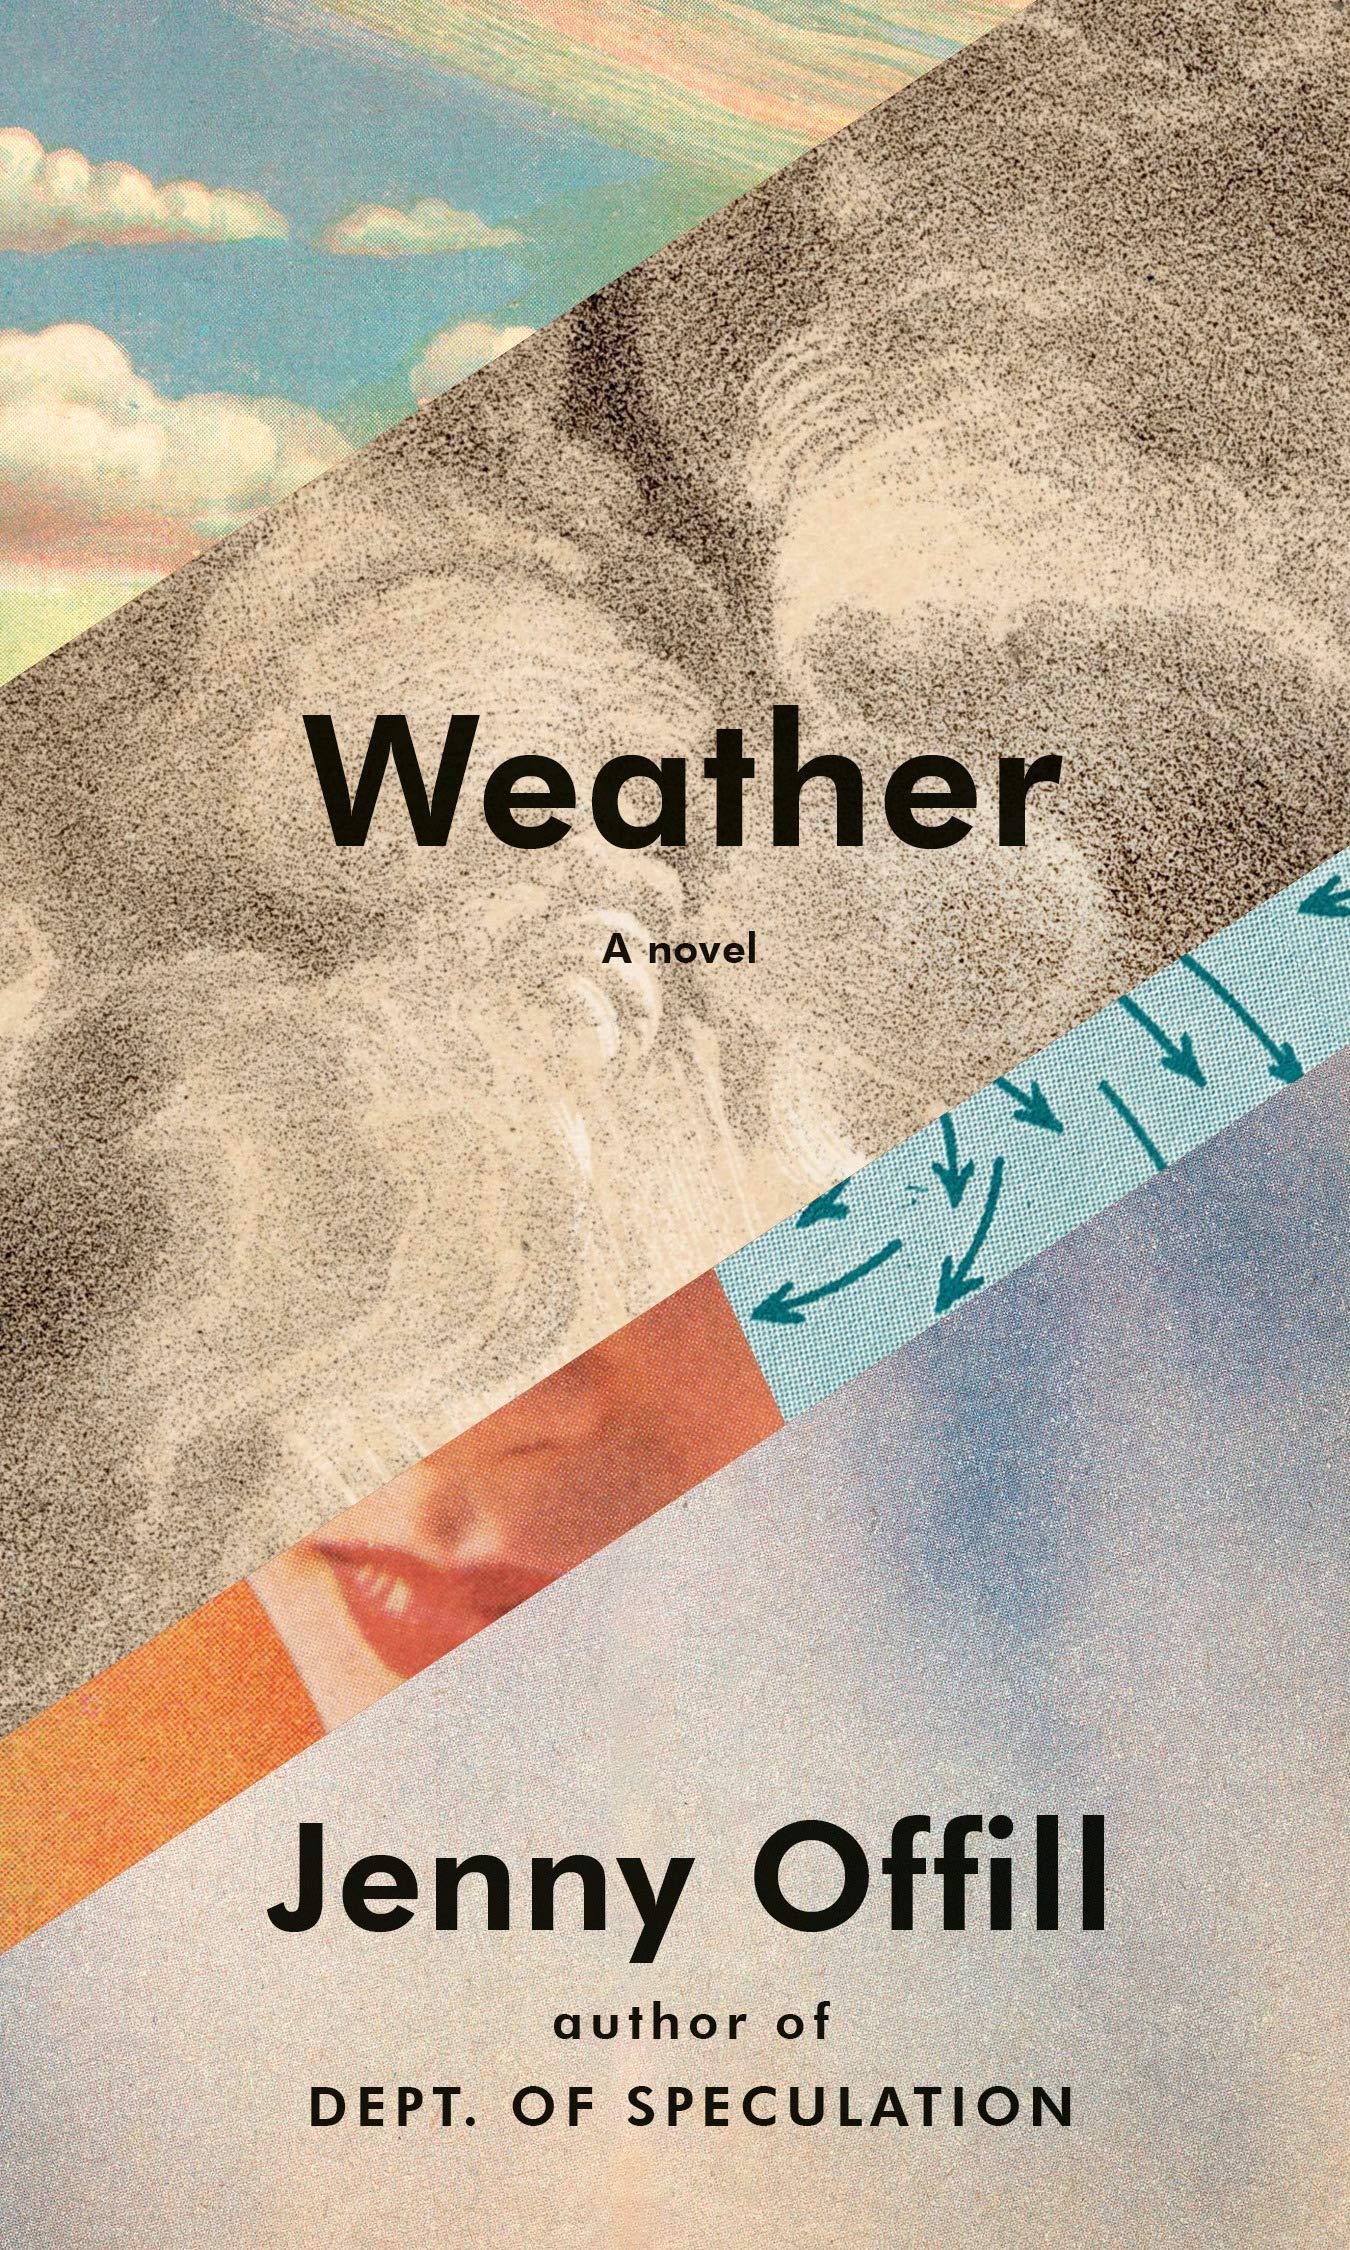 91PyLaqW5VL - Weather: A novel